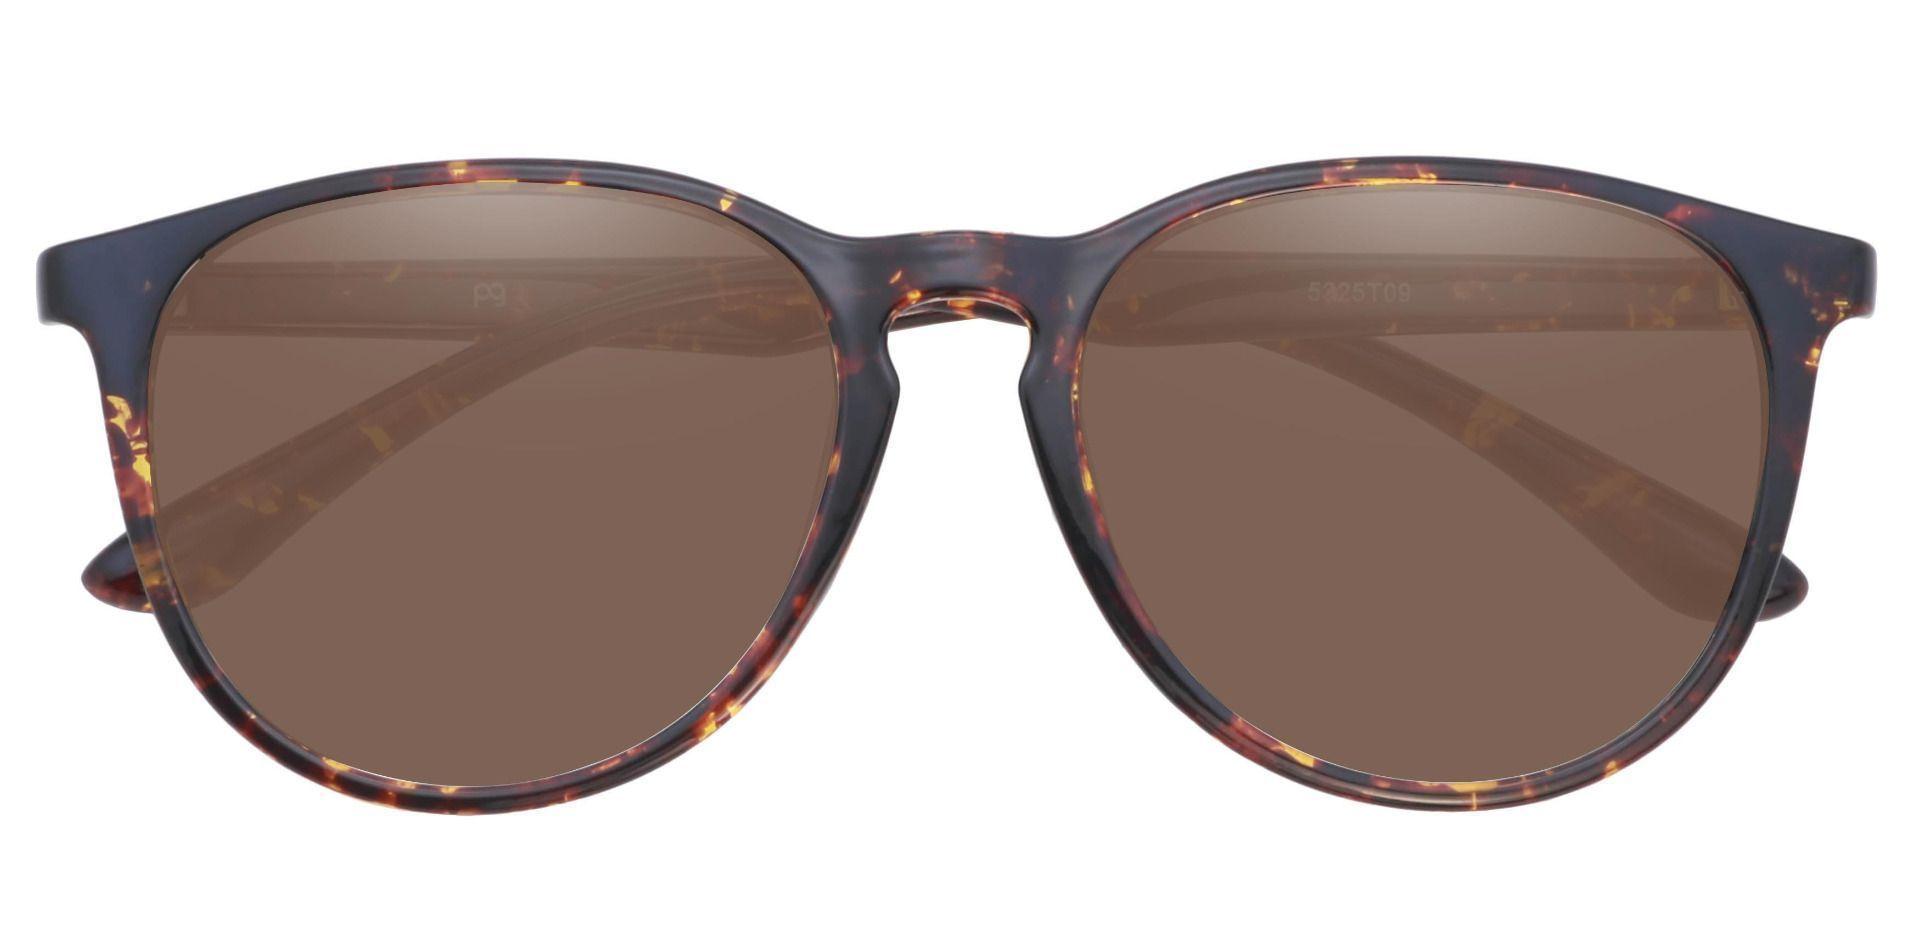 Maple Oversized Oval Prescription Sunglasses - Tortoise Frame With Brown Lenses